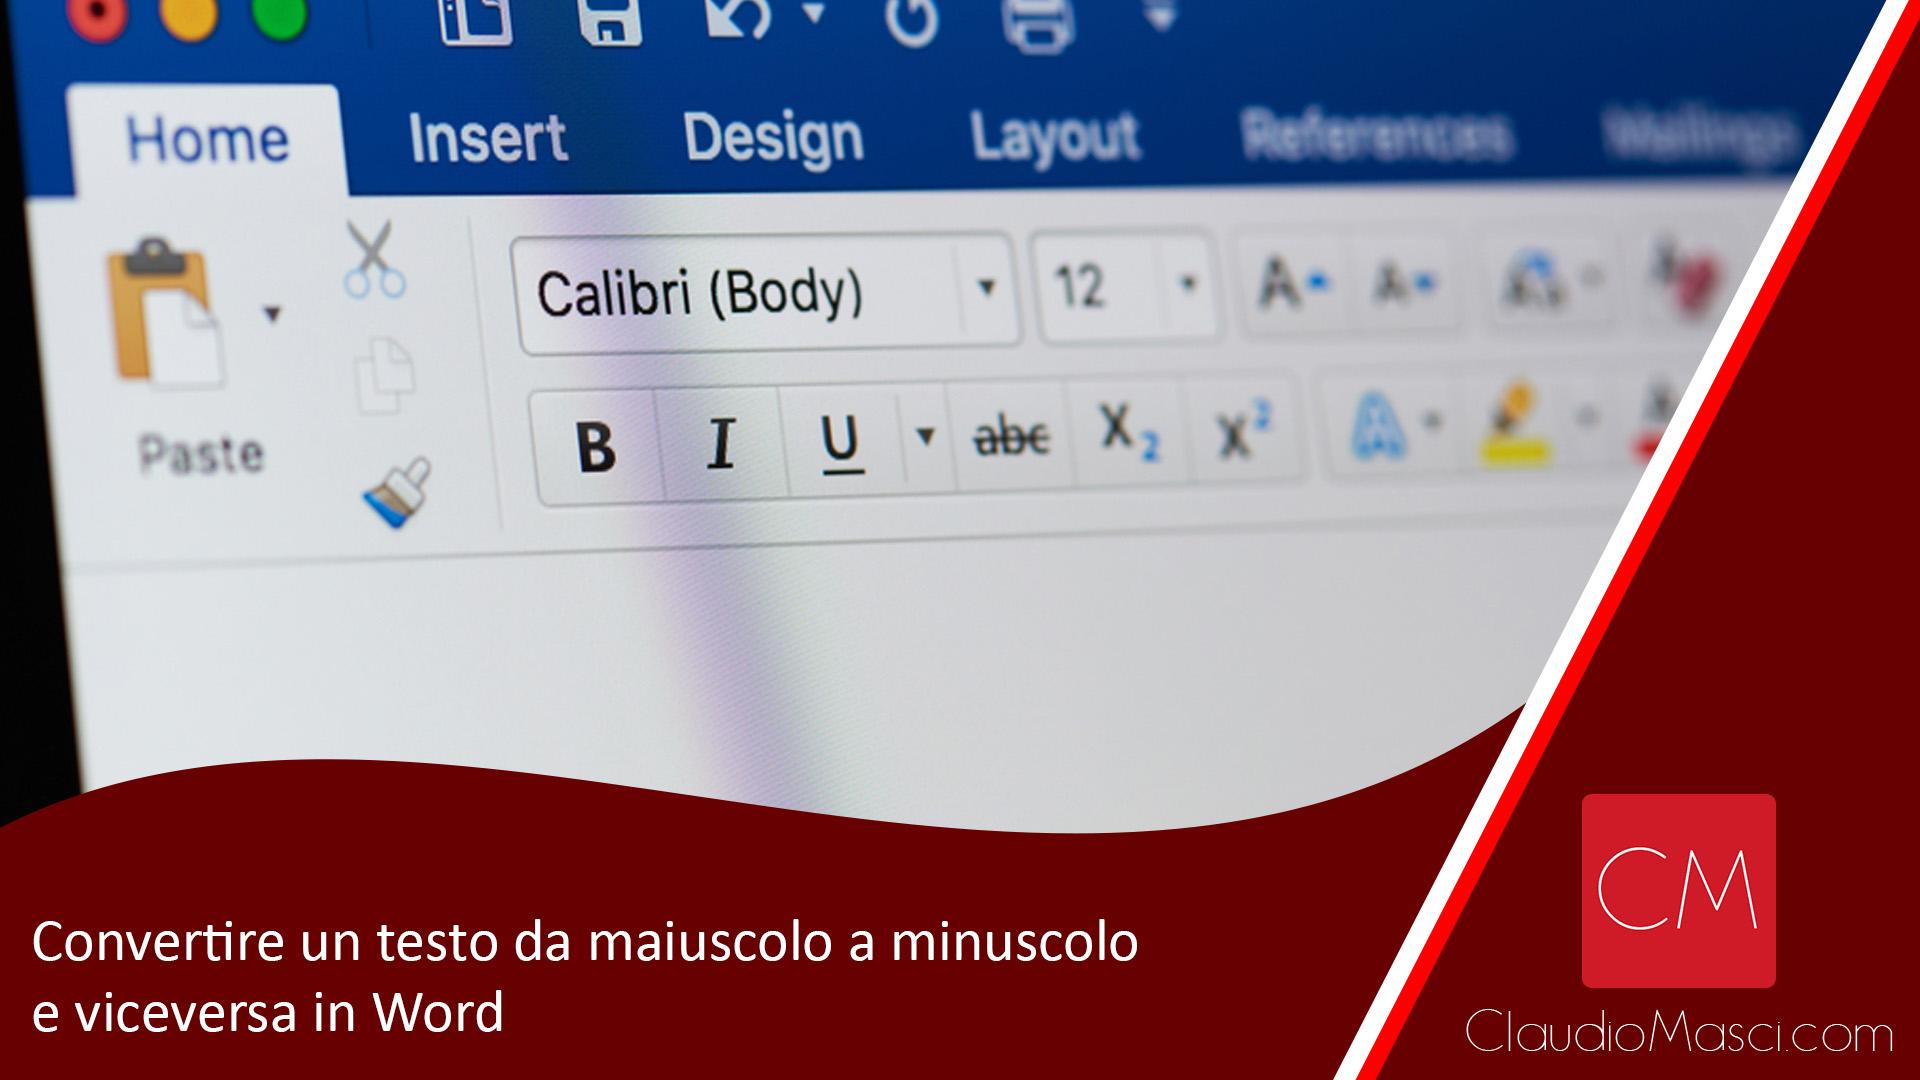 Convertire un testo da maiuscolo a minuscolo e viceversa in Word